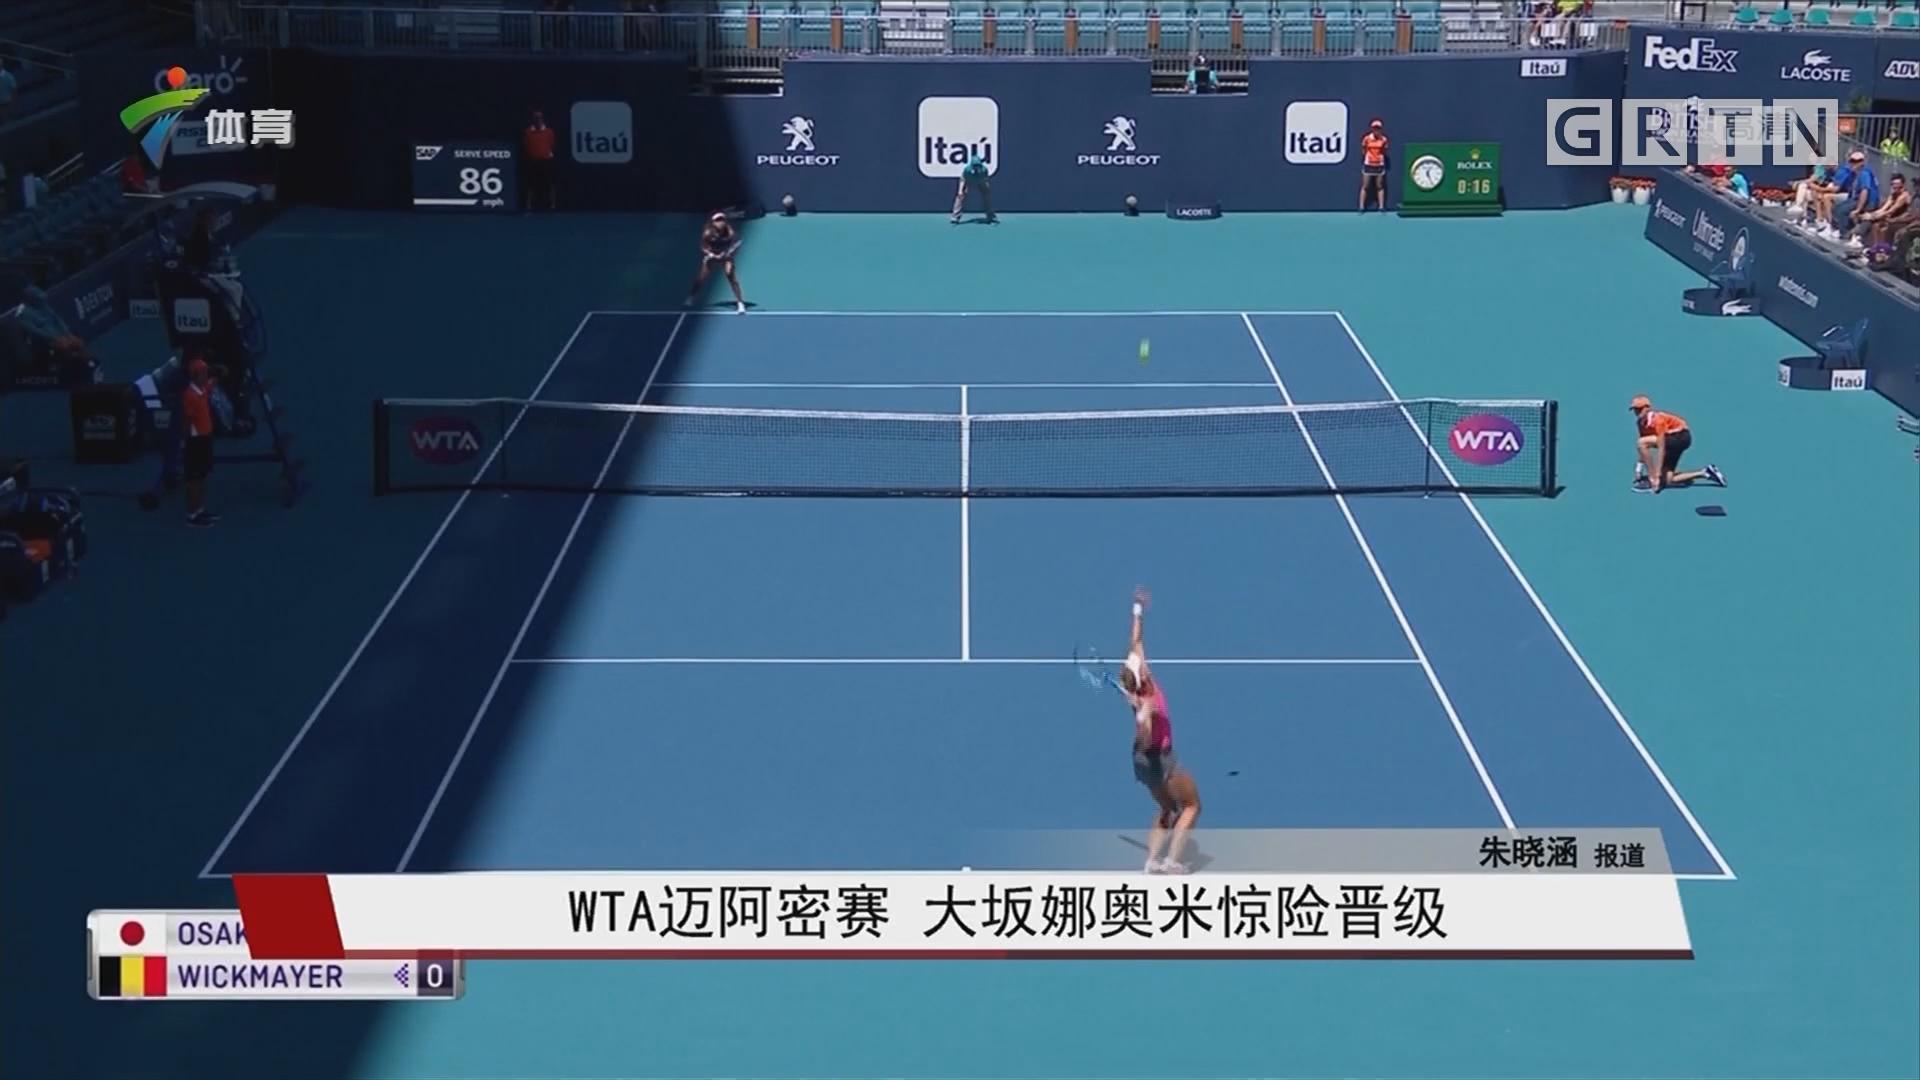 WTA迈阿密赛 大坂娜奥米惊险晋级